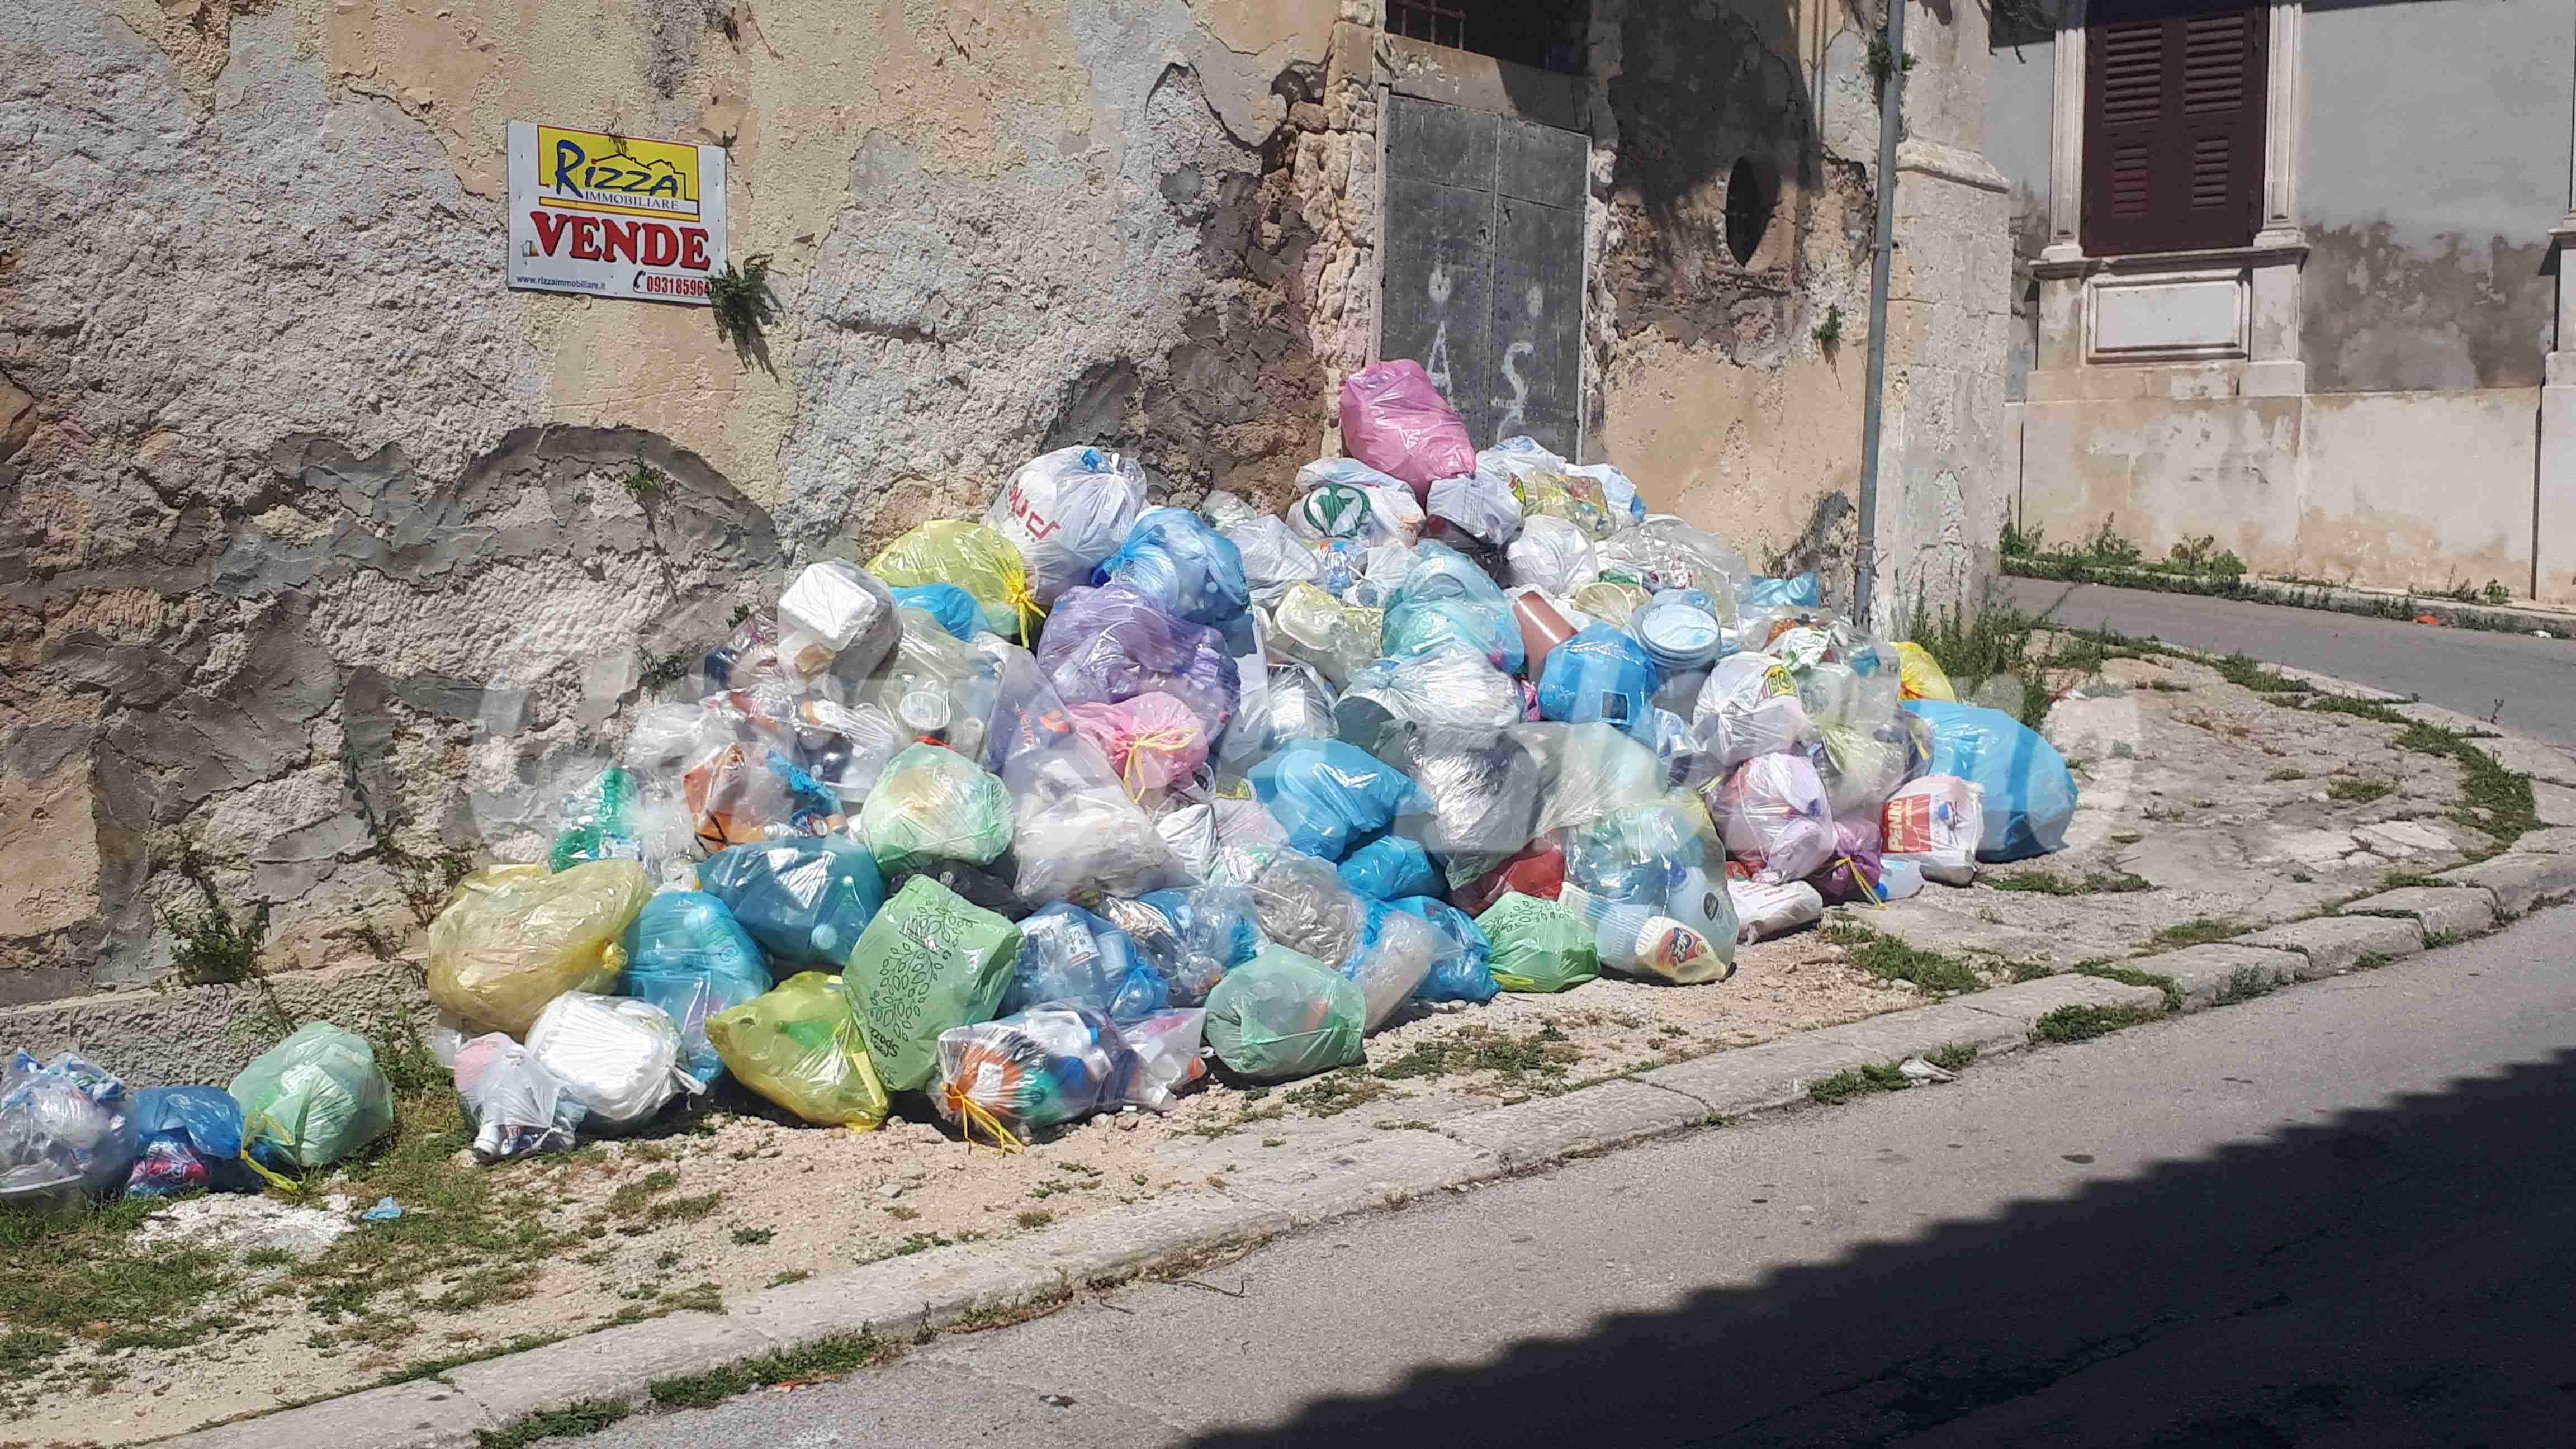 Cumuli di rifiuti, il sindacato diffida ditta e amministrazione